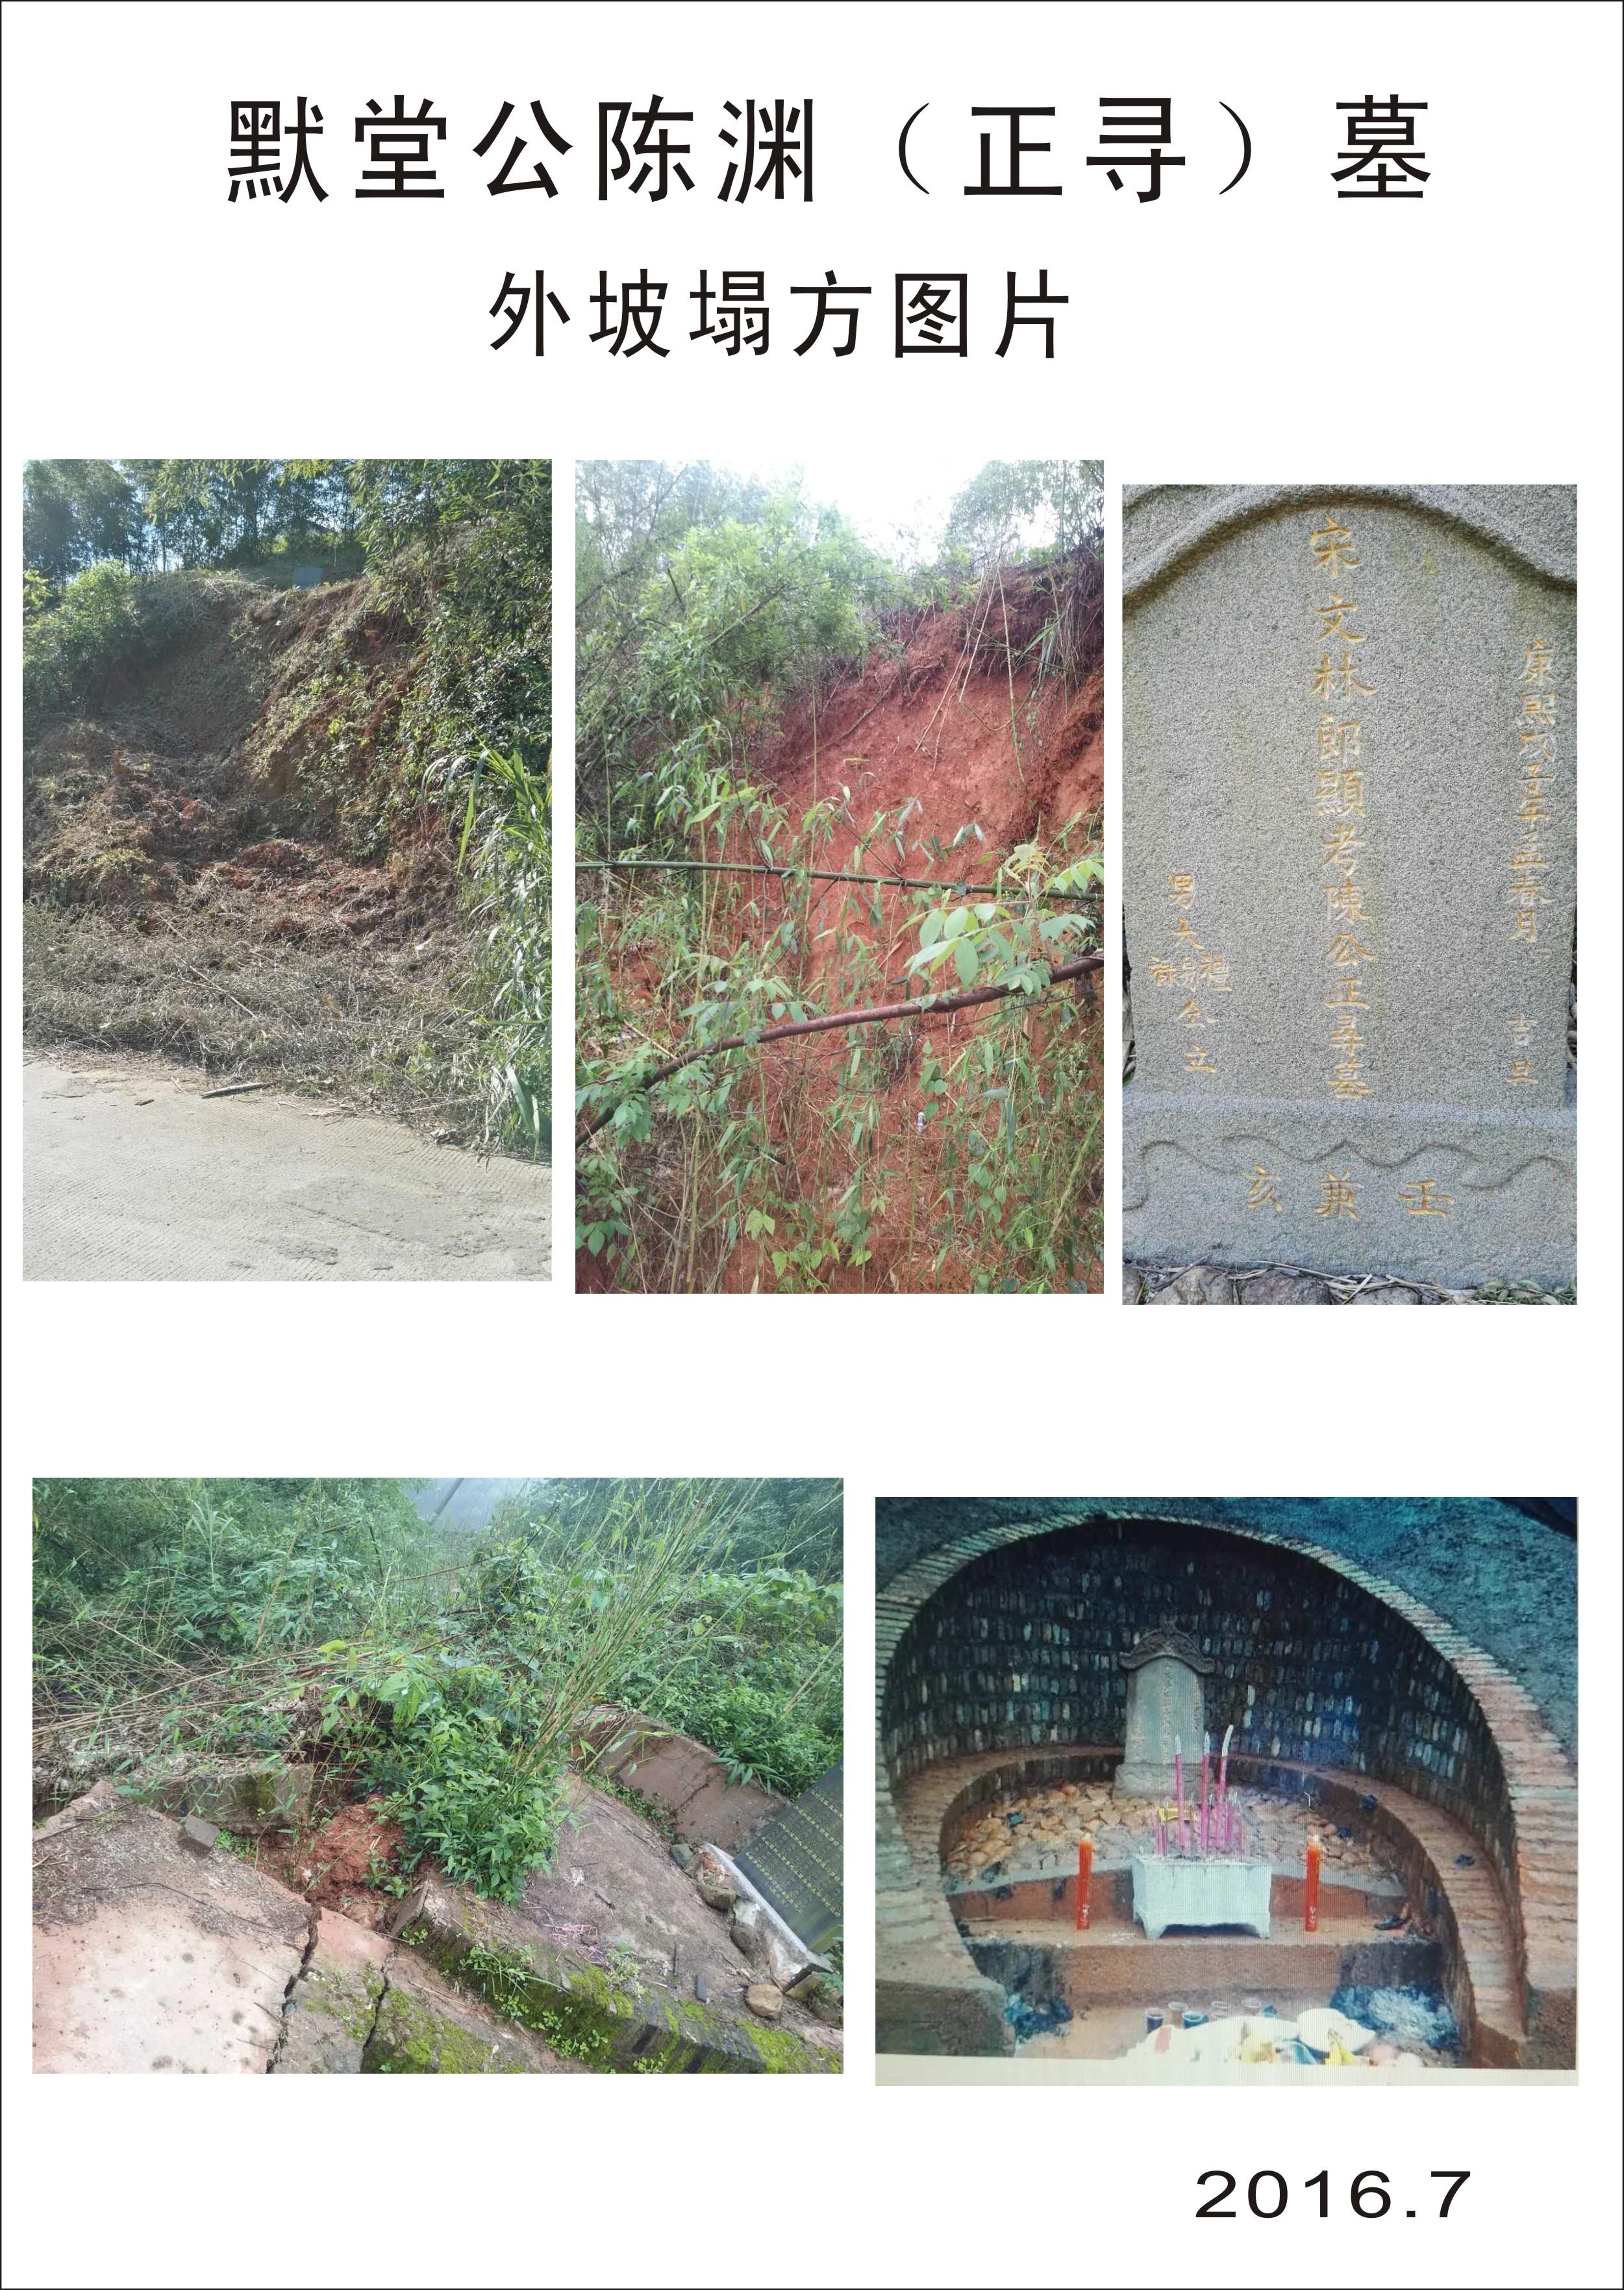 关于扩修默堂墓和墓垱墙积极募捐的倡议书